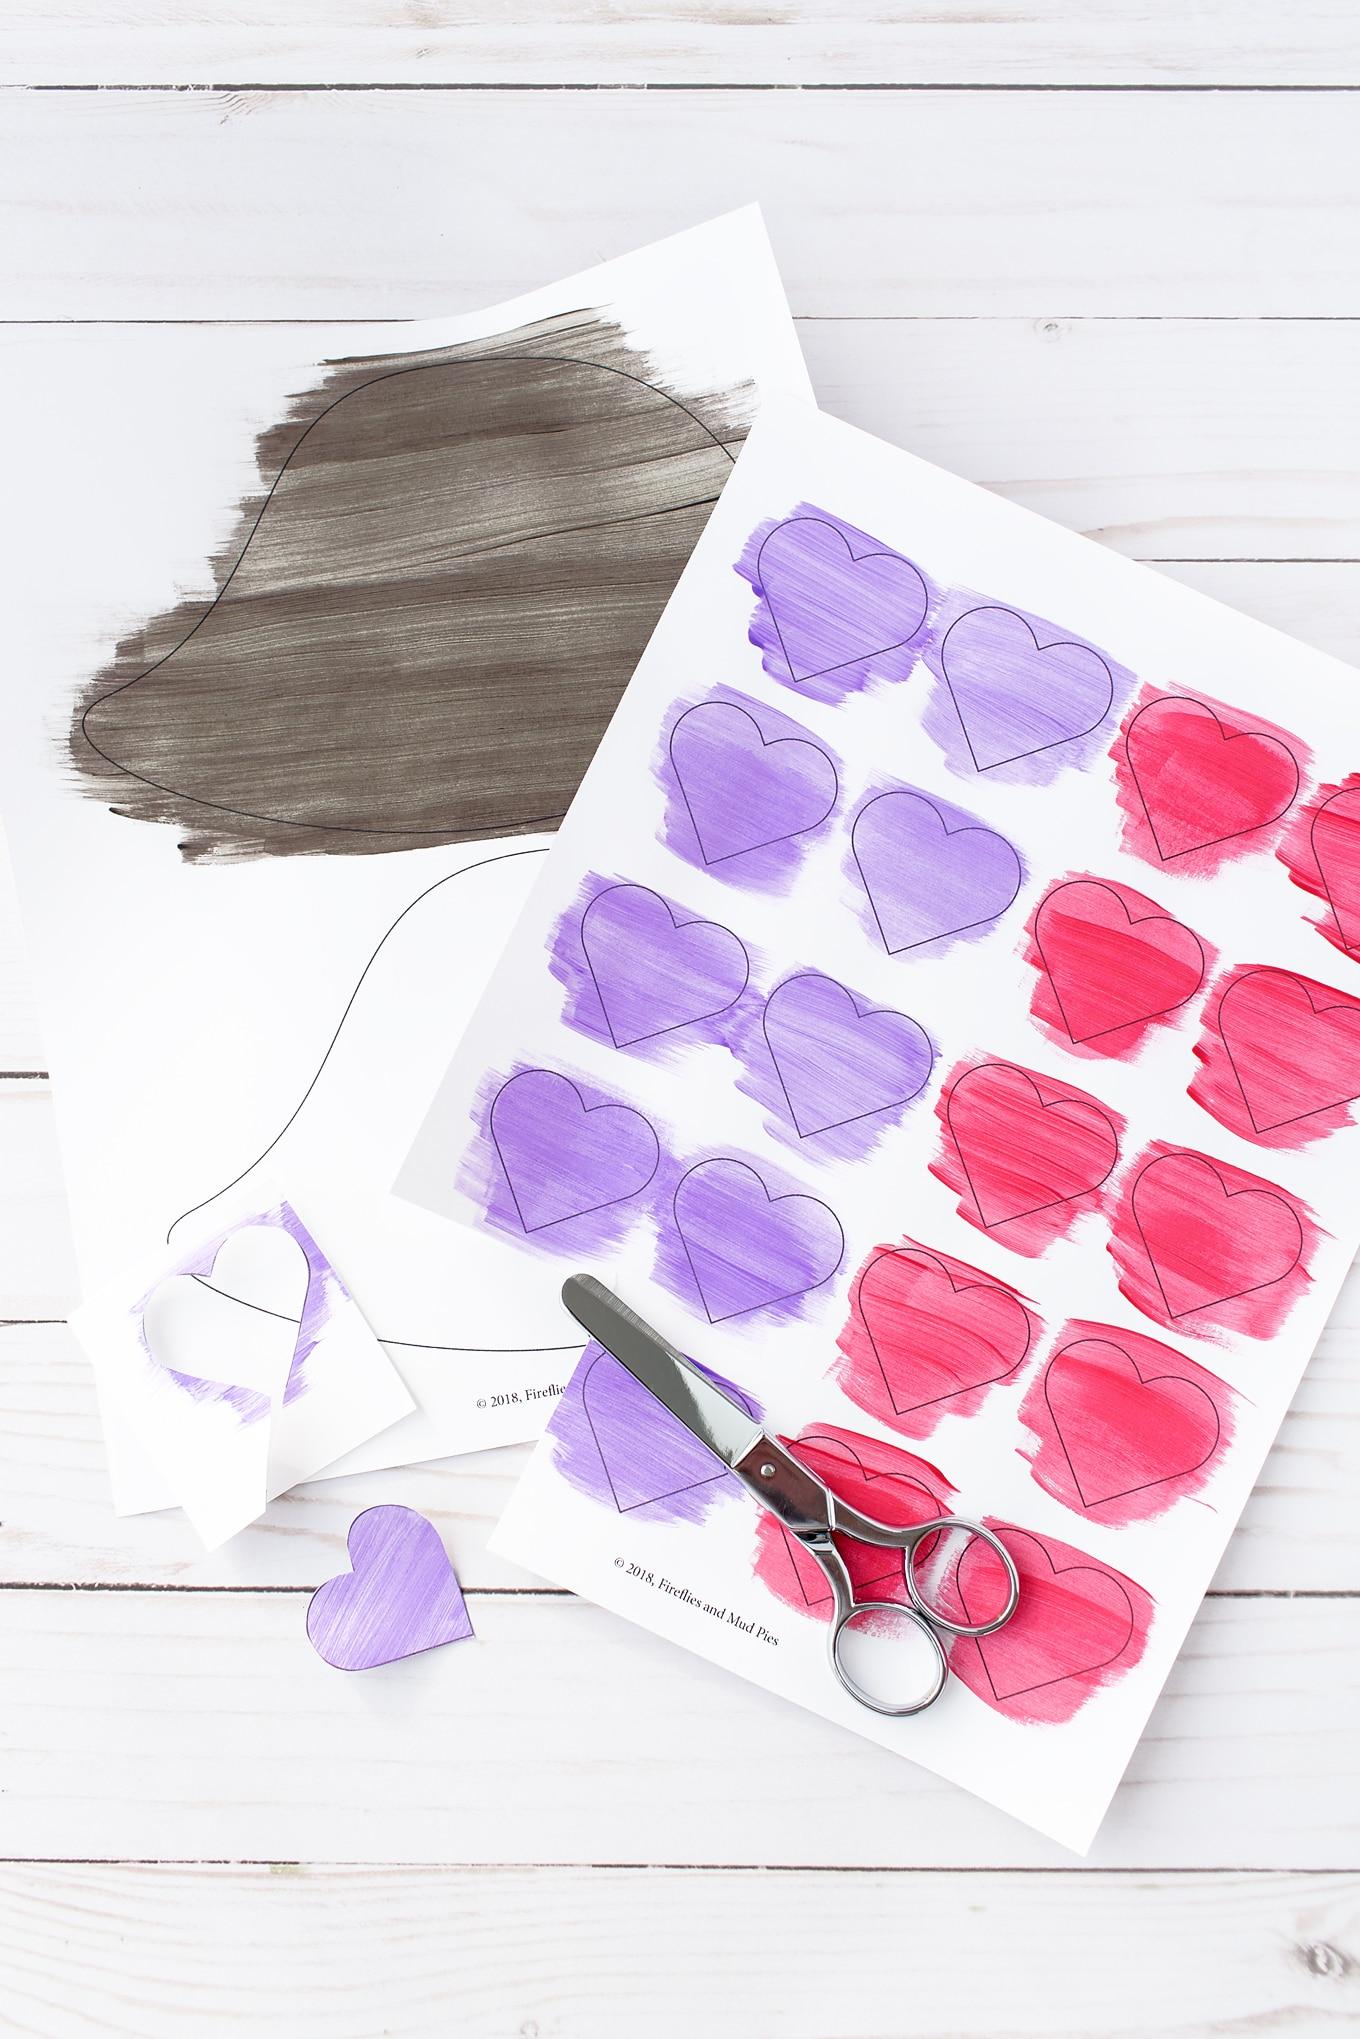 Valentine Hedgehog Craft In-Process